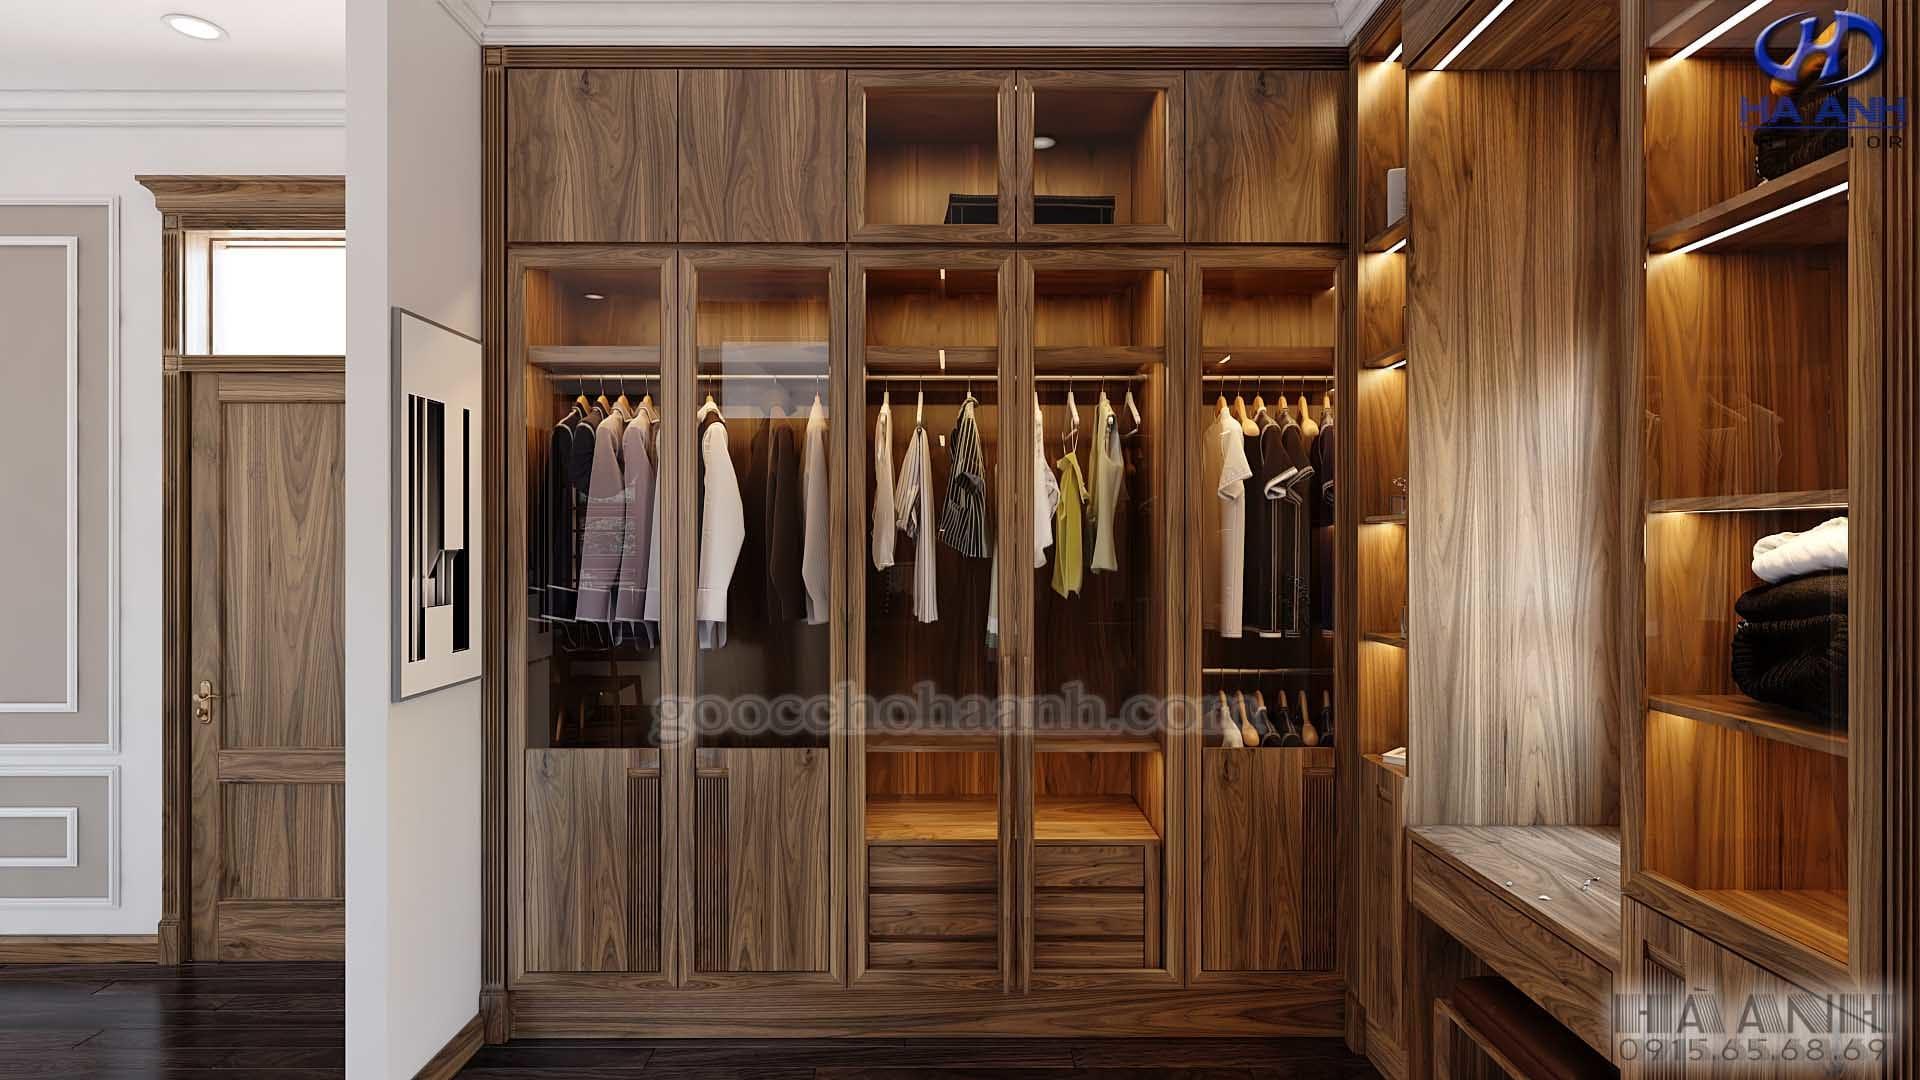 mẫu tủ áo hiện đại gỗ óc chó